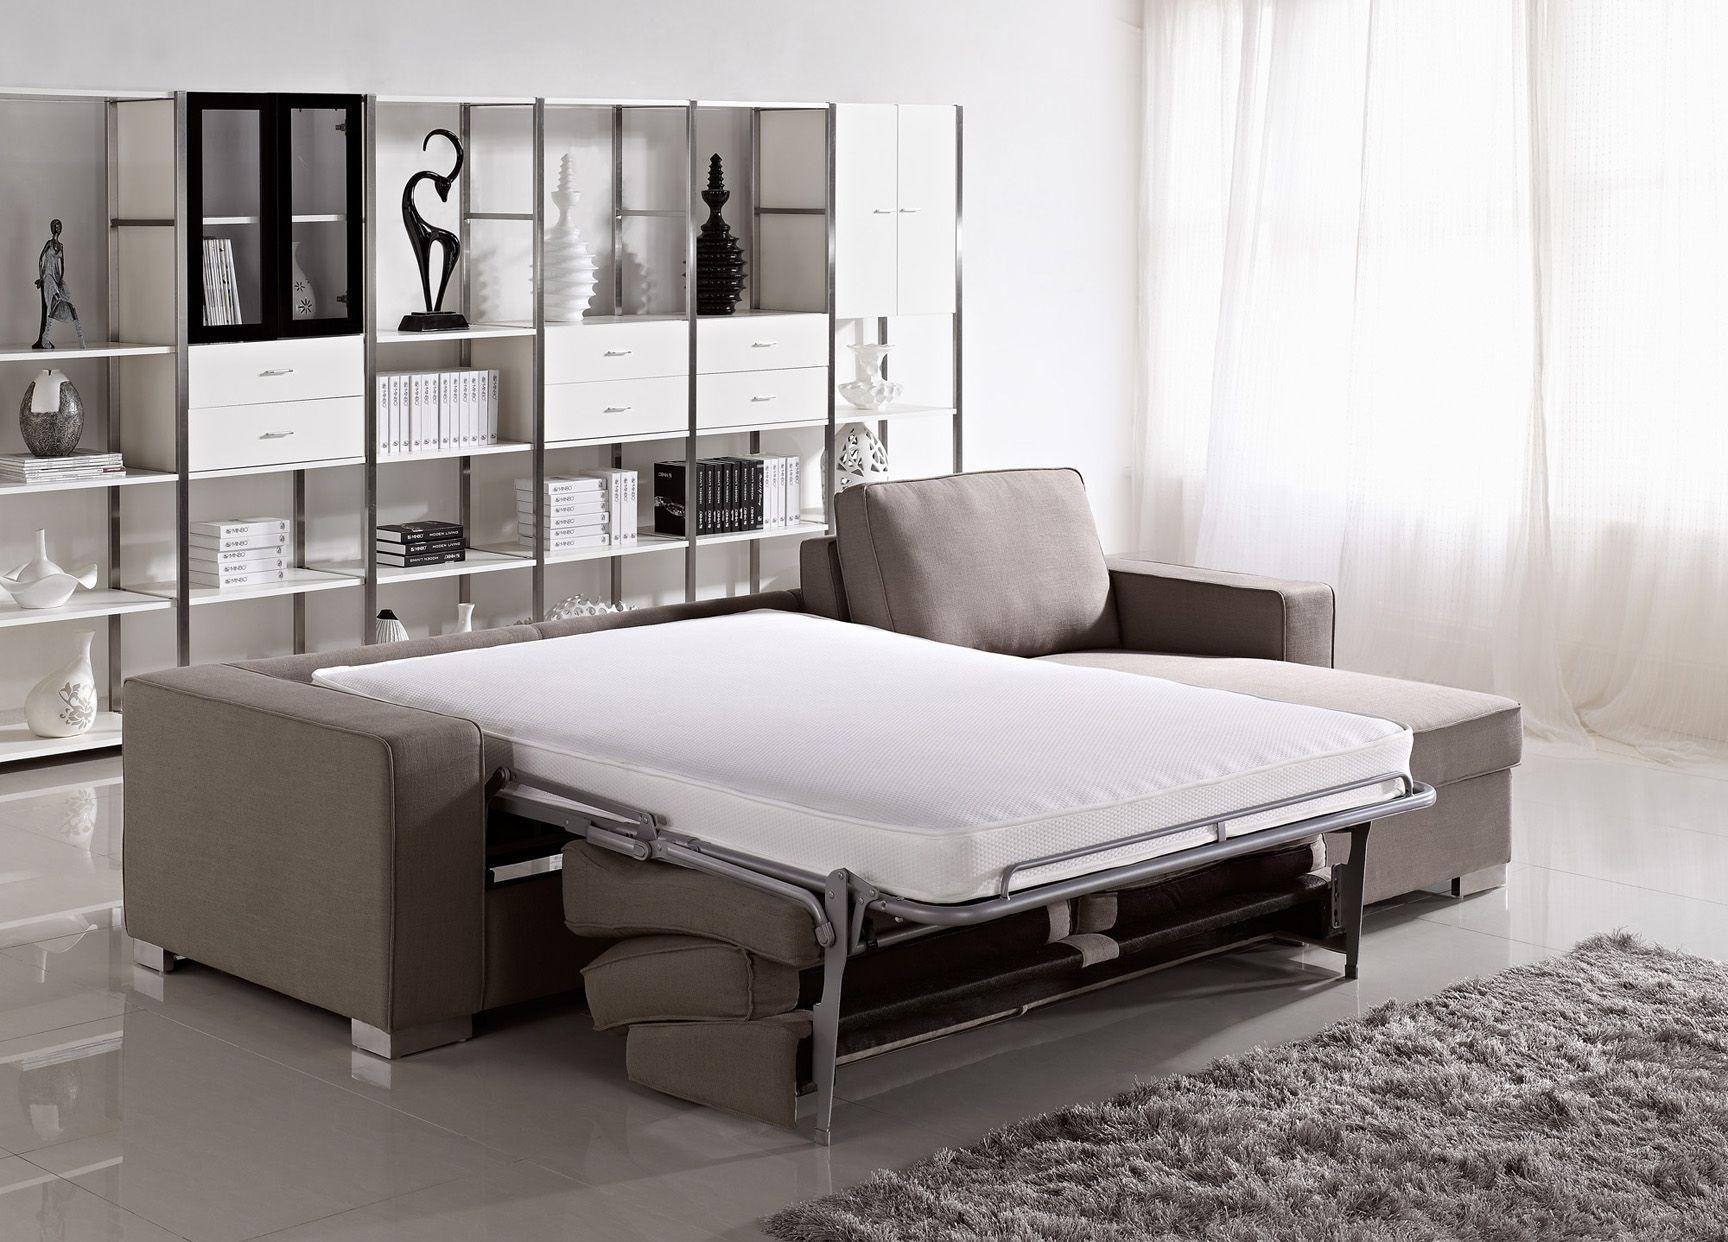 Besten Ideen Wohnung Schnitt Mit Chaise Wohnung sofa